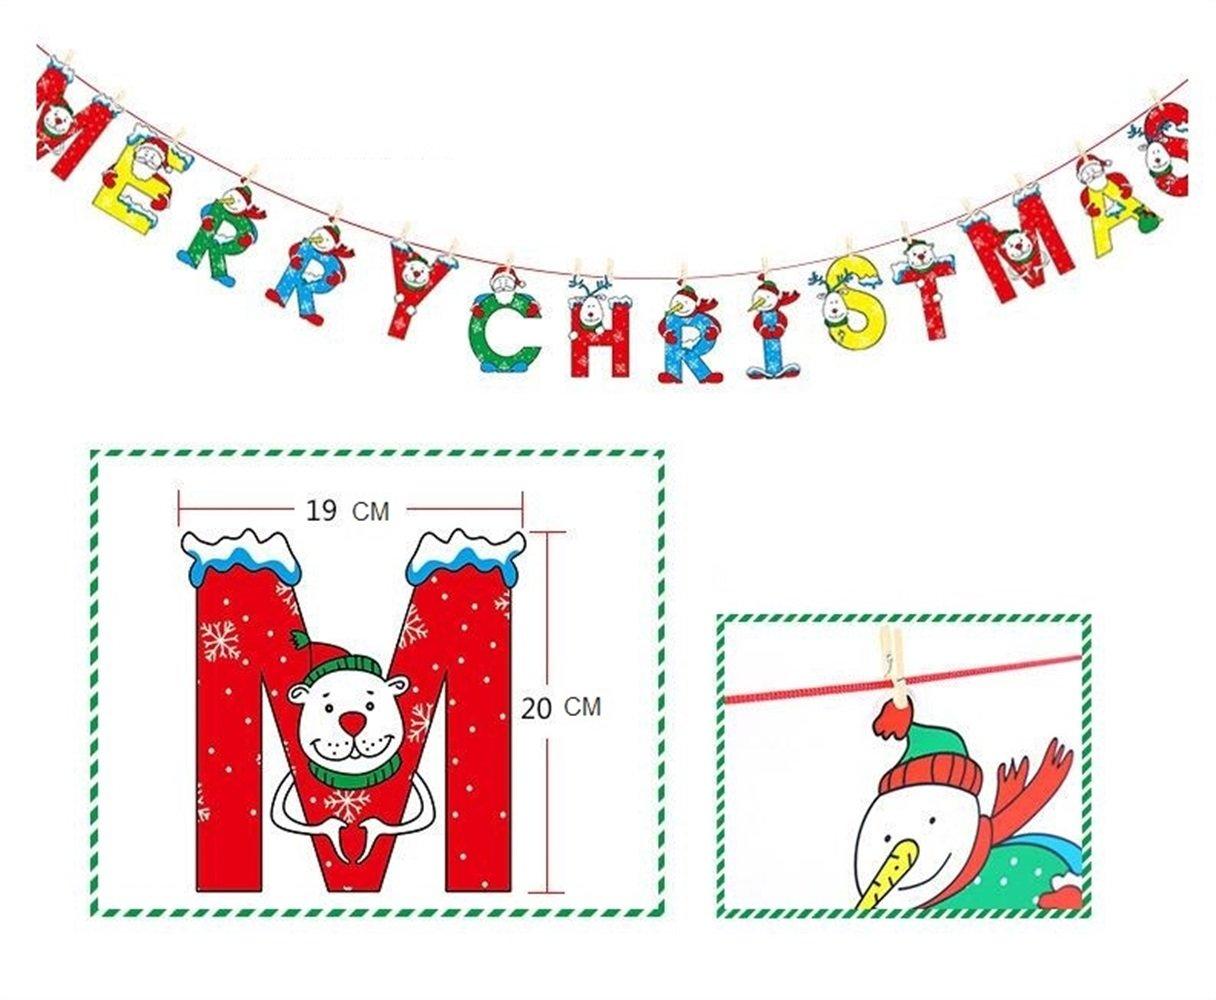 Strollway Partydekorationen Party Anhänger Bunting Weihnachtsdekoration Wimpel Weihnachten Supplies (Cartoon Englisch)